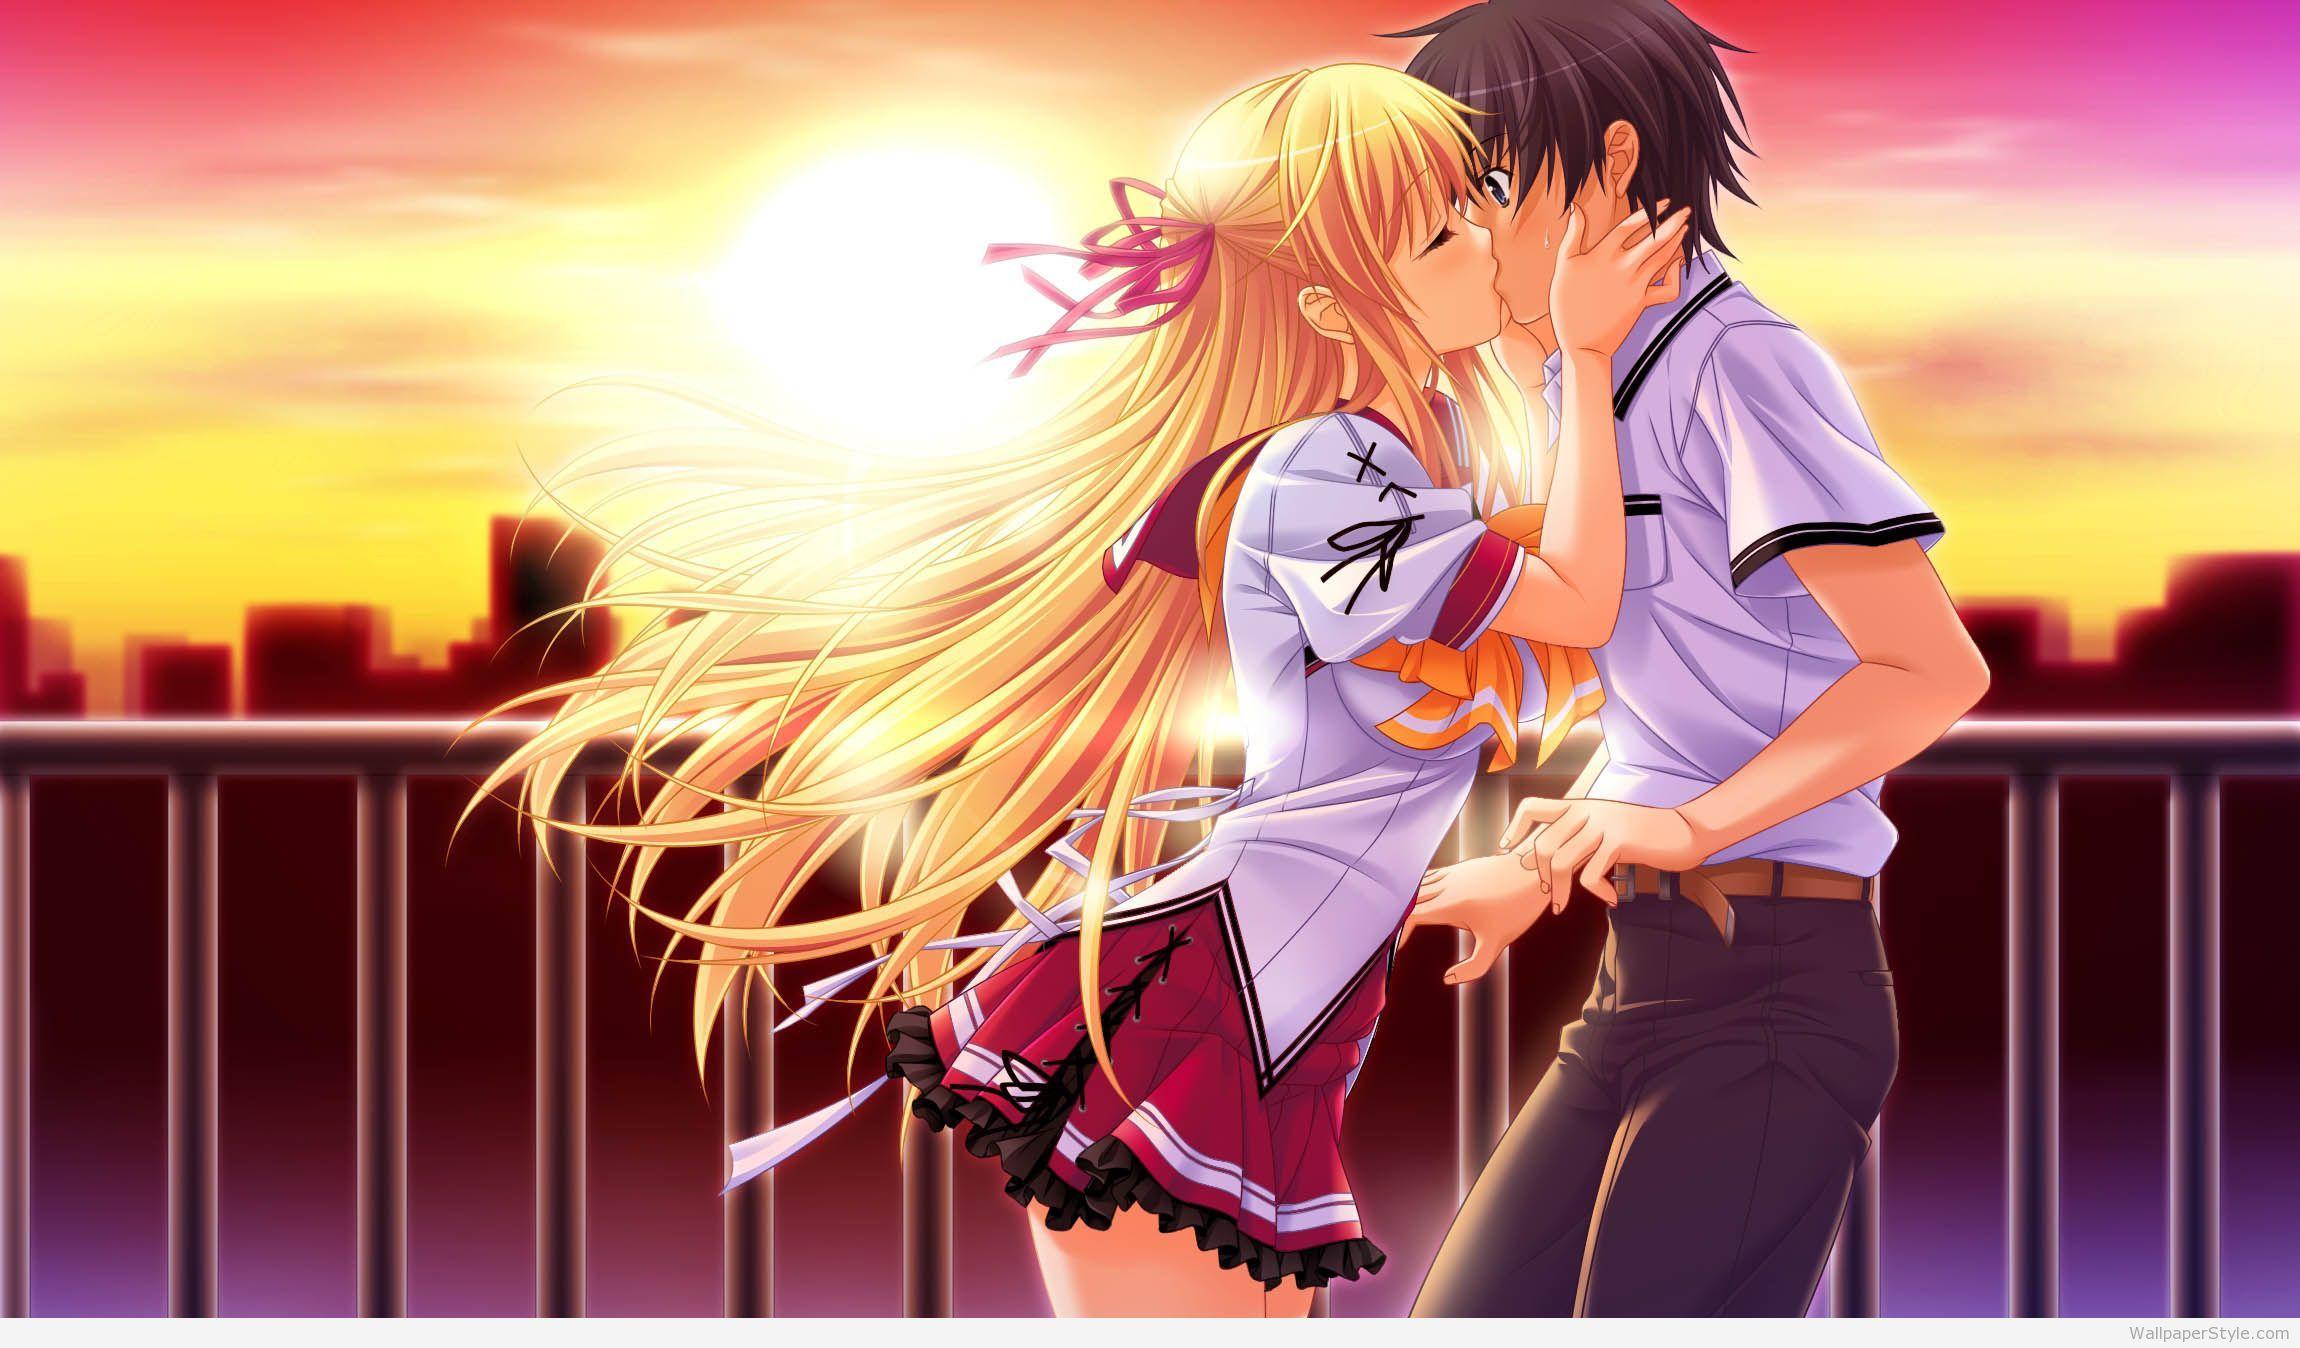 Anime Kiss Wallpapers Wallpaperstyle Com Anime Kiss